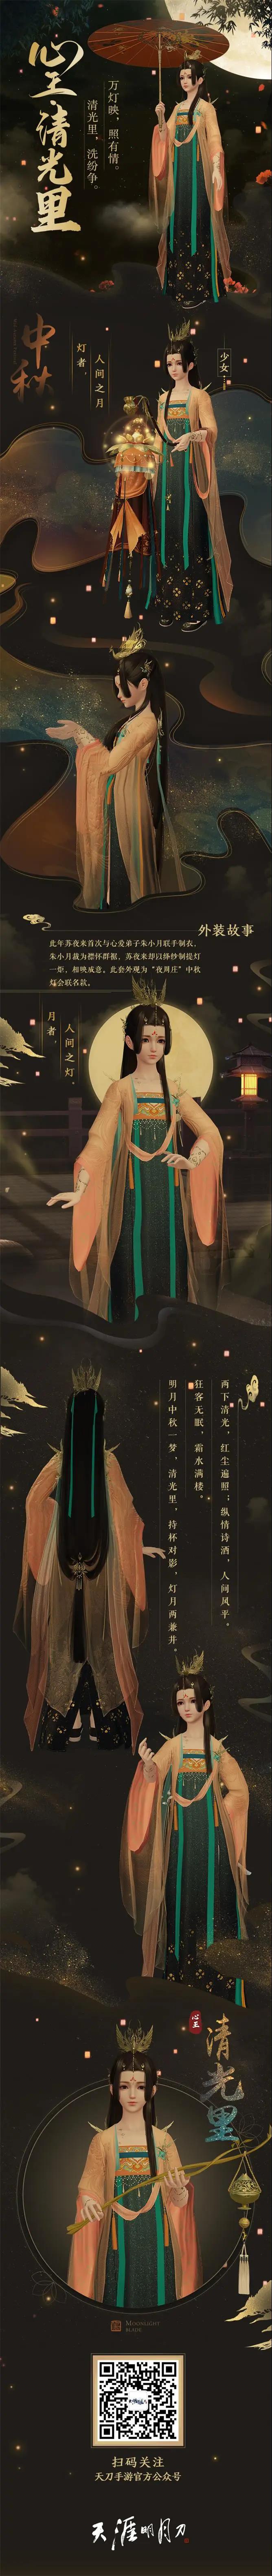 《天涯明月刀手游》心王清光里时装一览